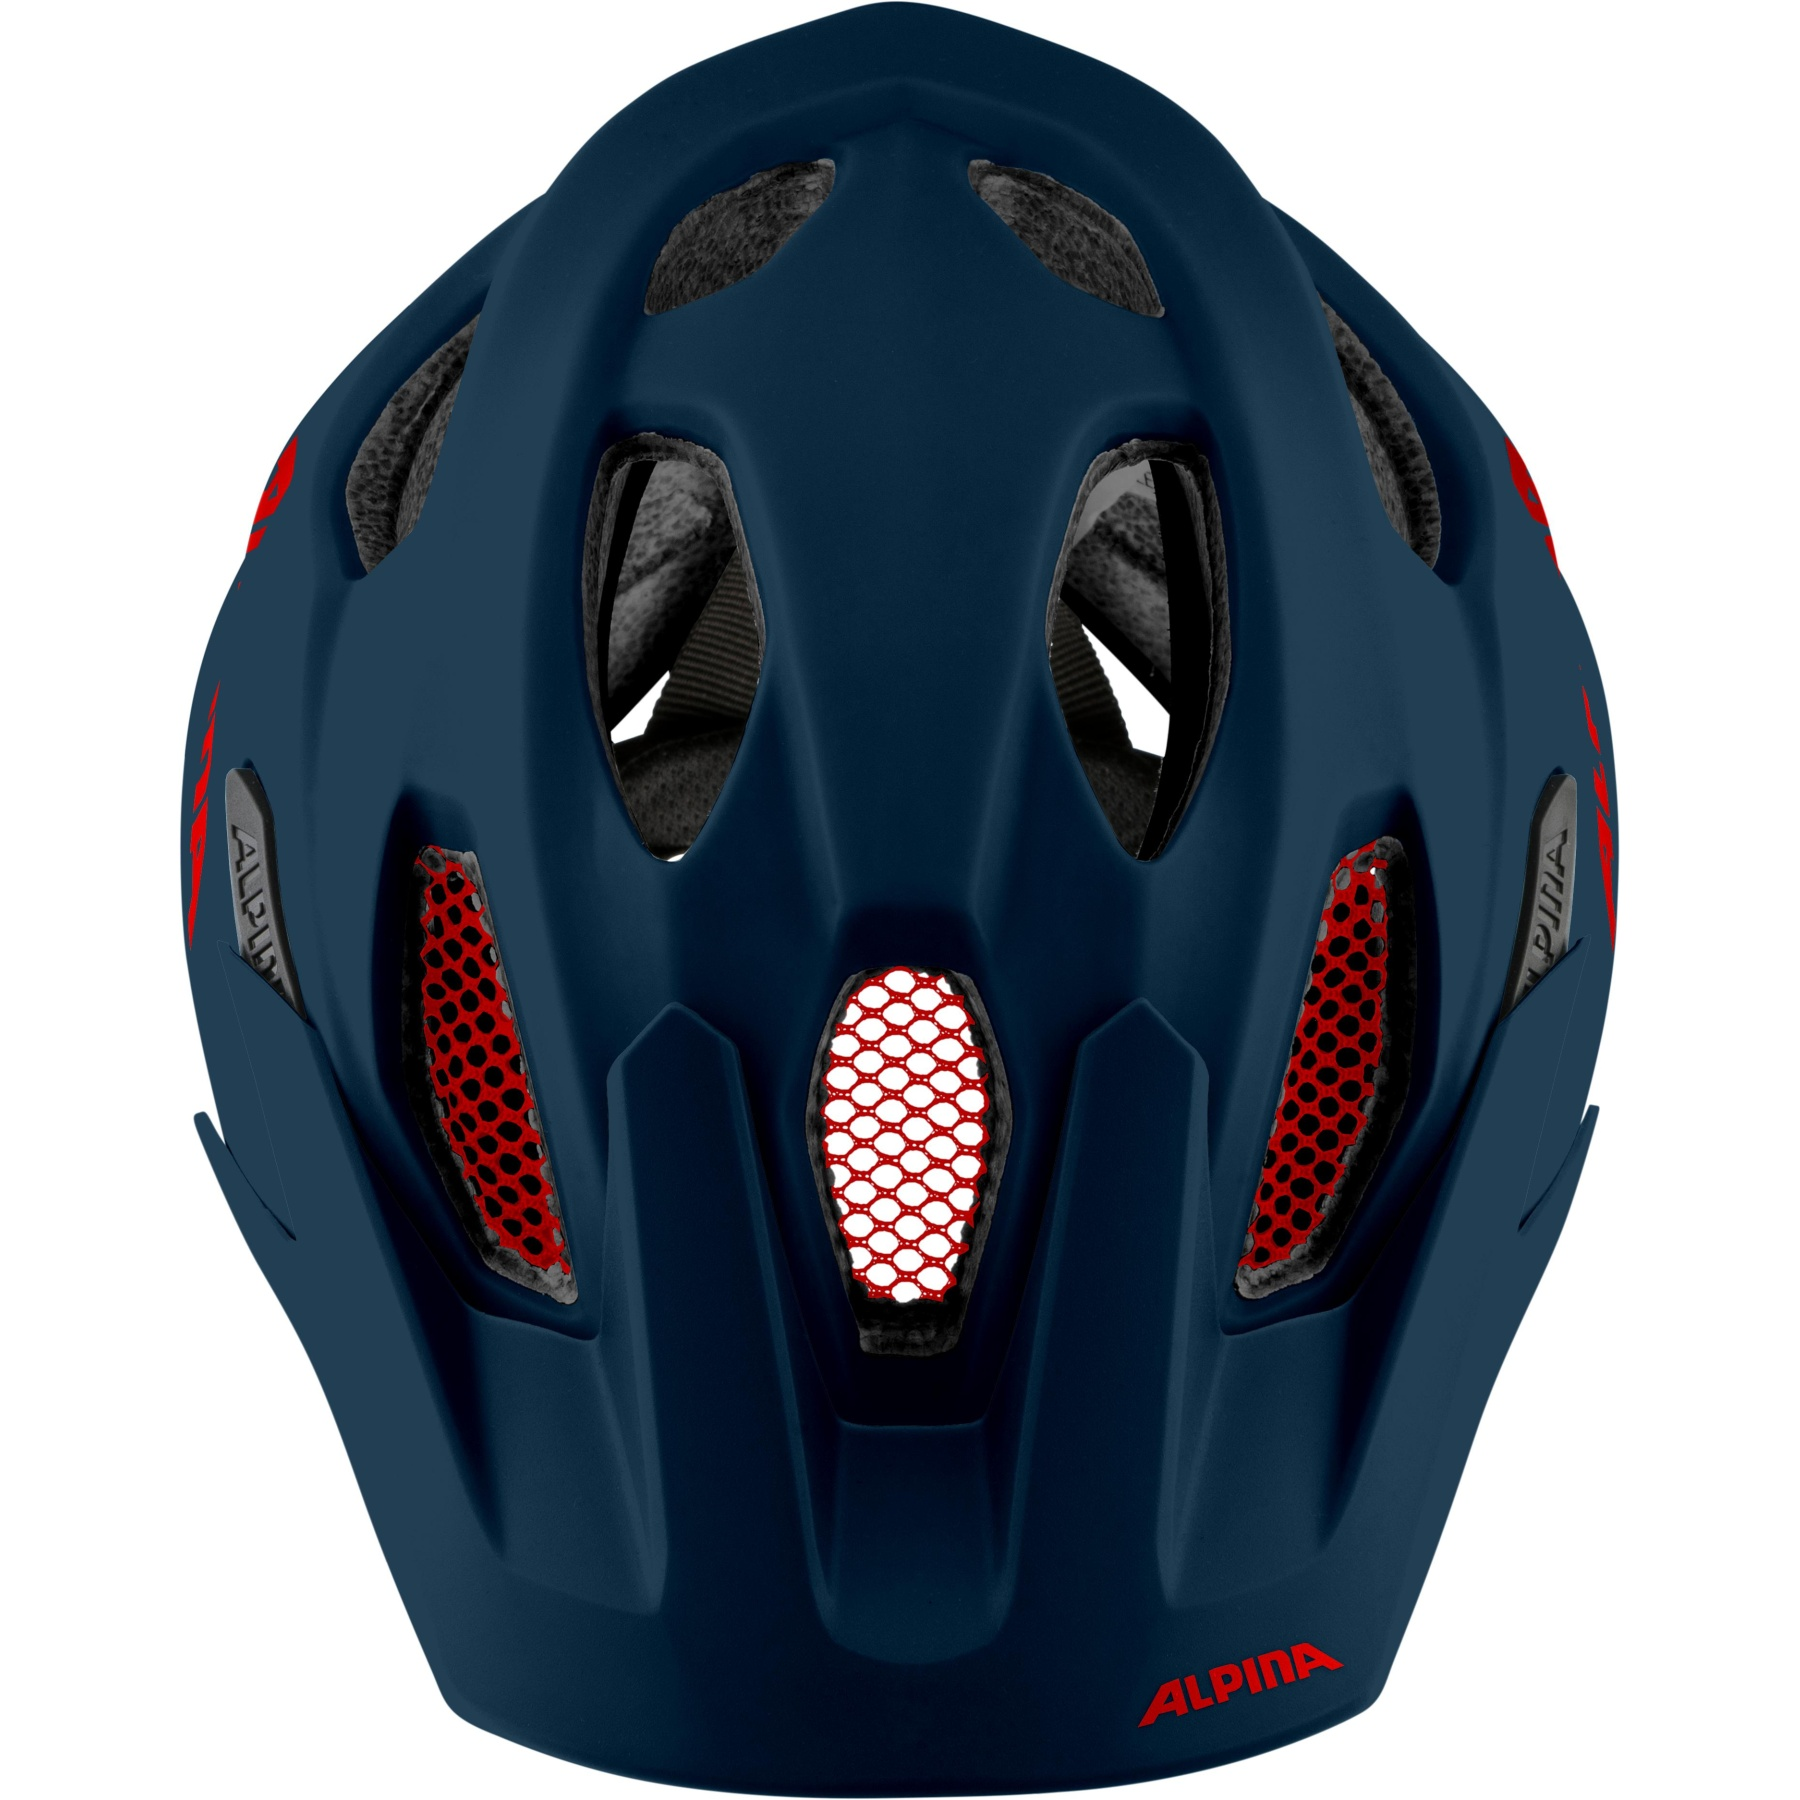 Image of Alpina Carapax JR. Kids Helmet - indigo matt